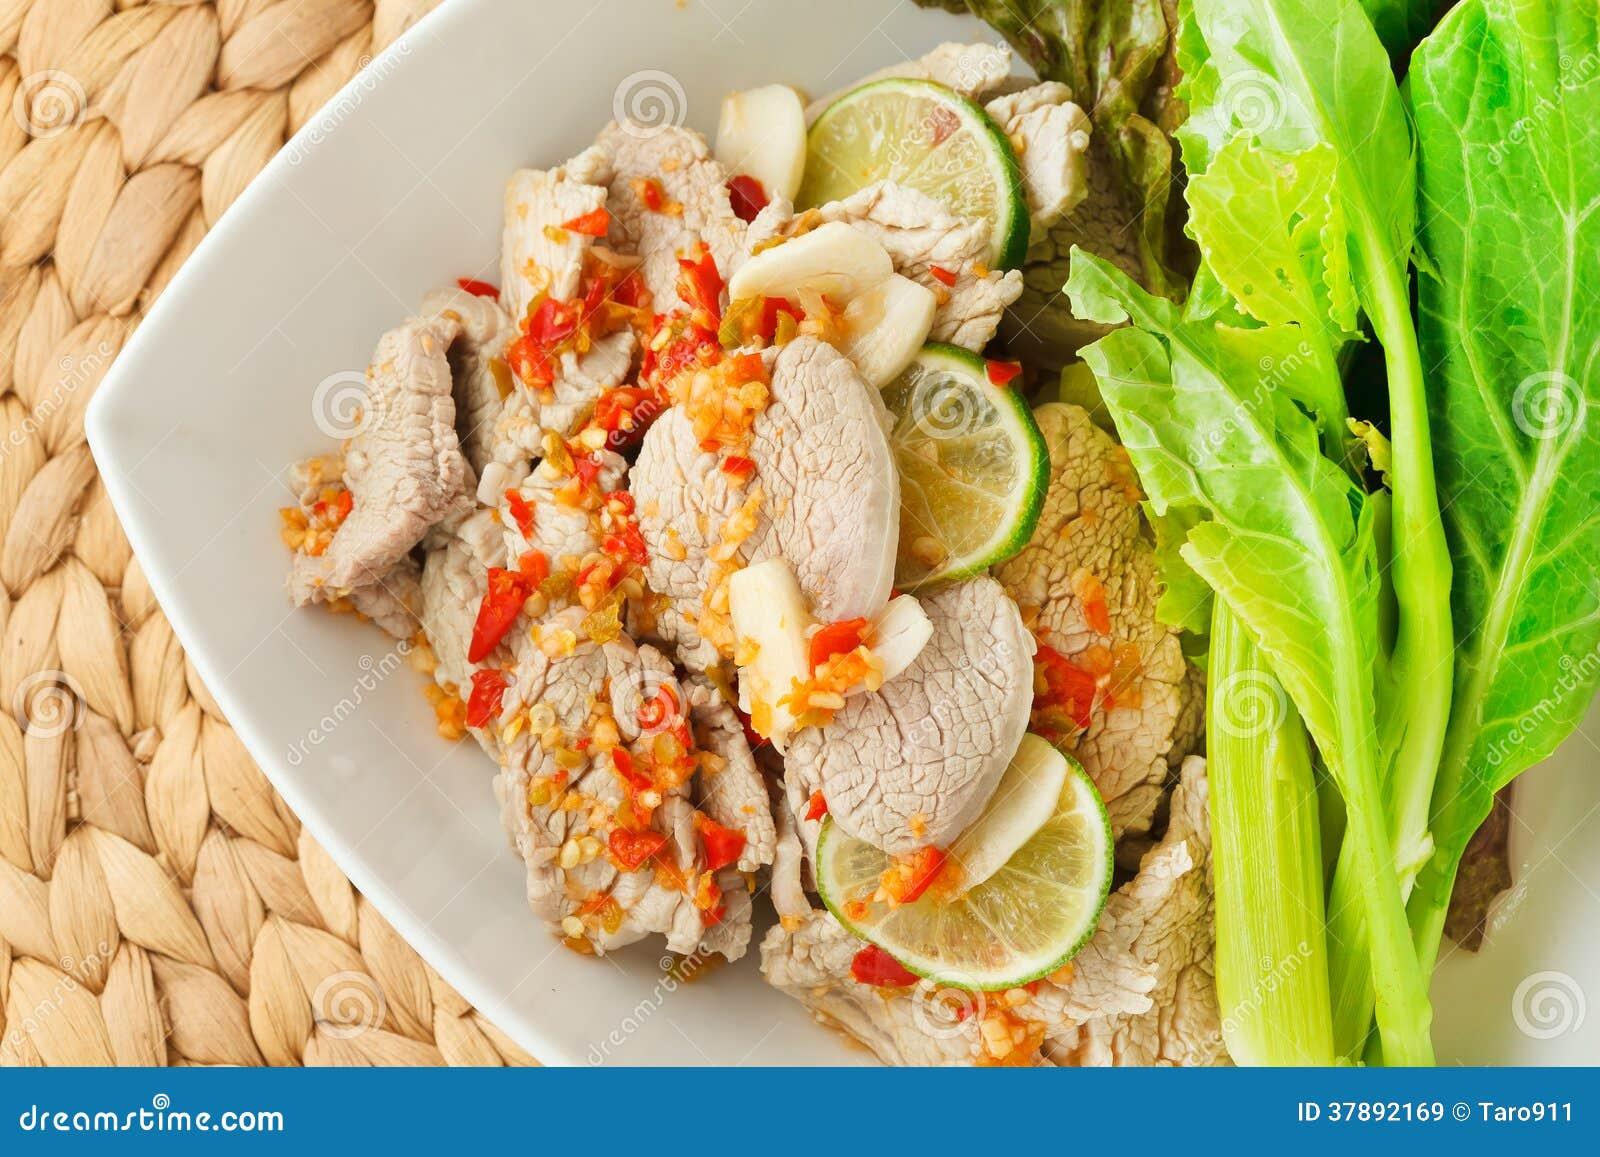 Gestoomde varkensvlees kruidige saus